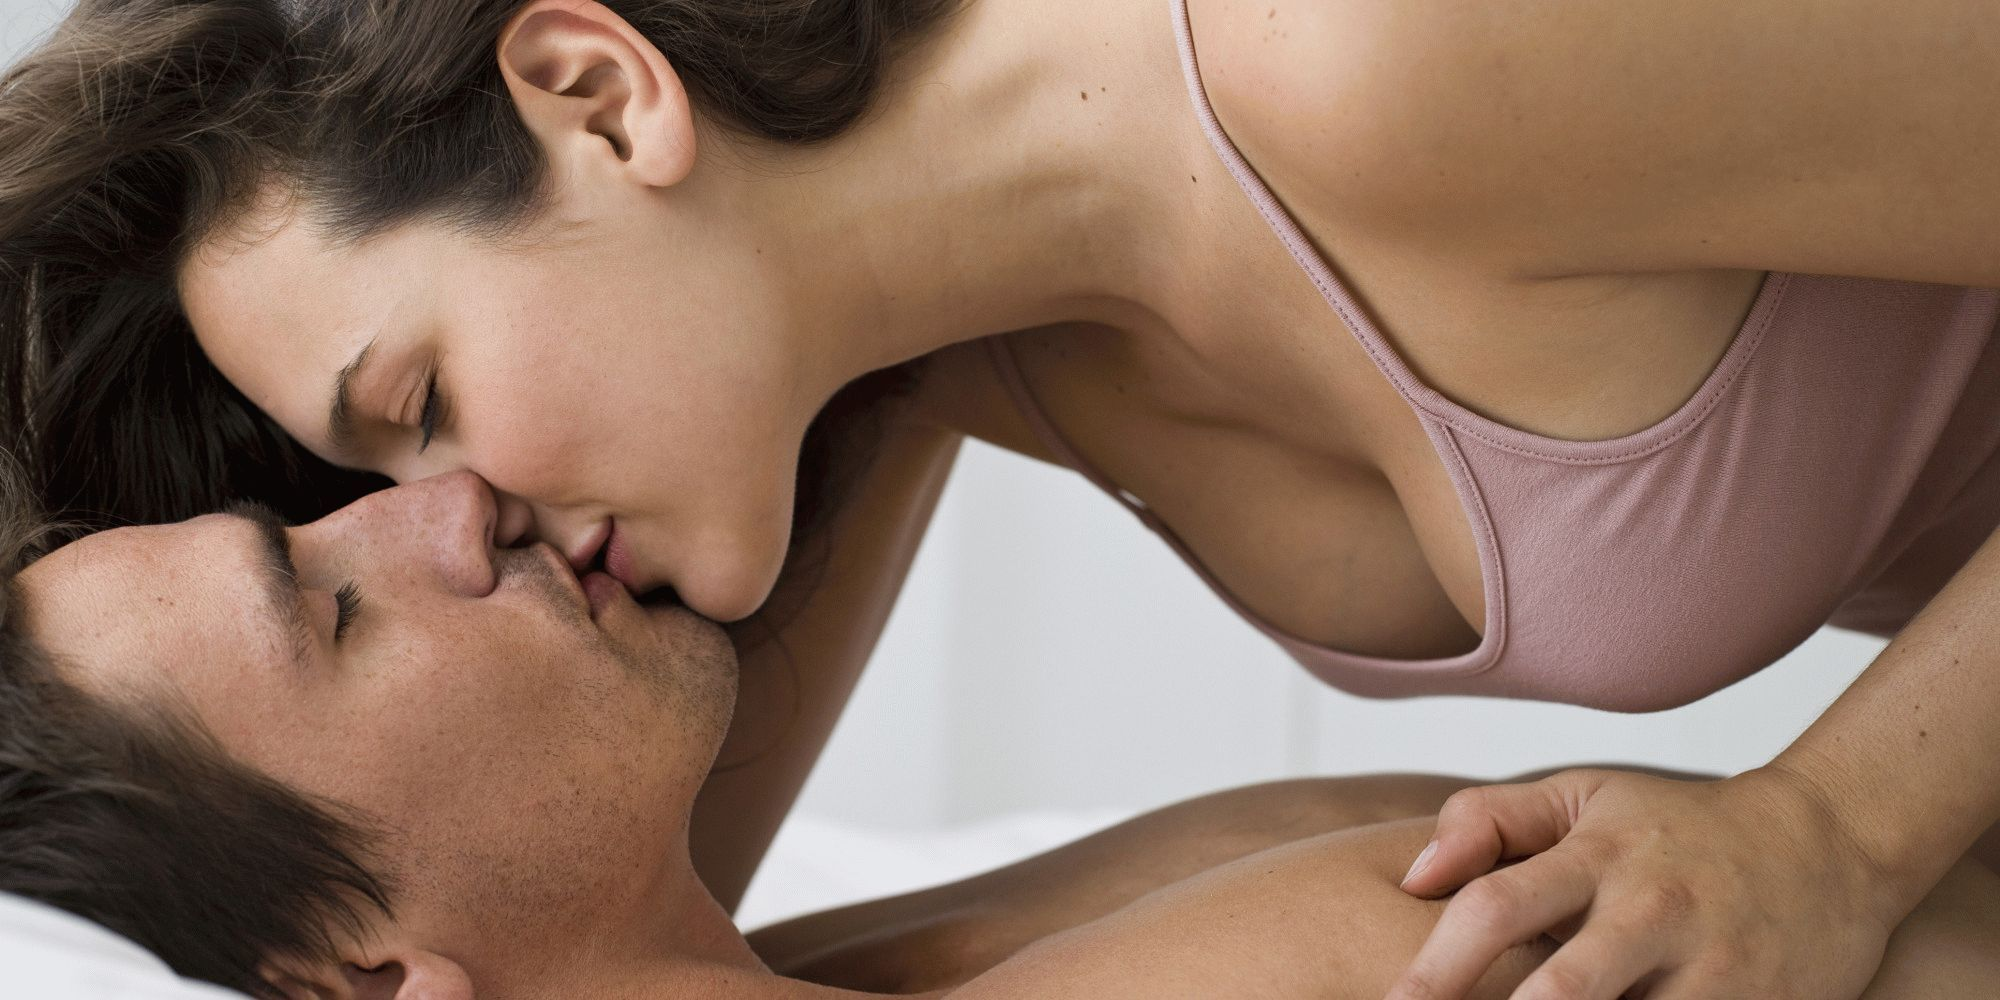 Секс вред здоровью